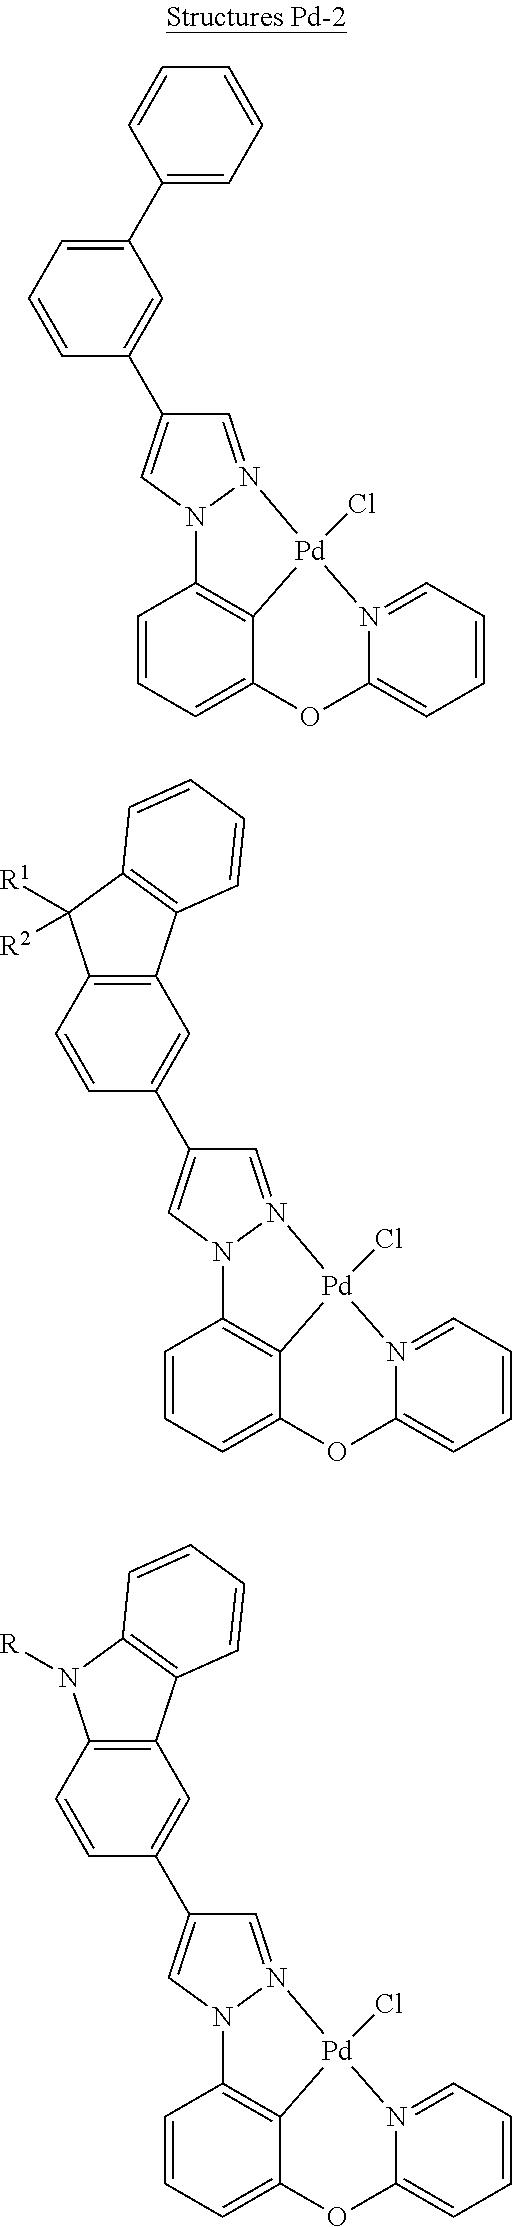 Figure US09818959-20171114-C00530